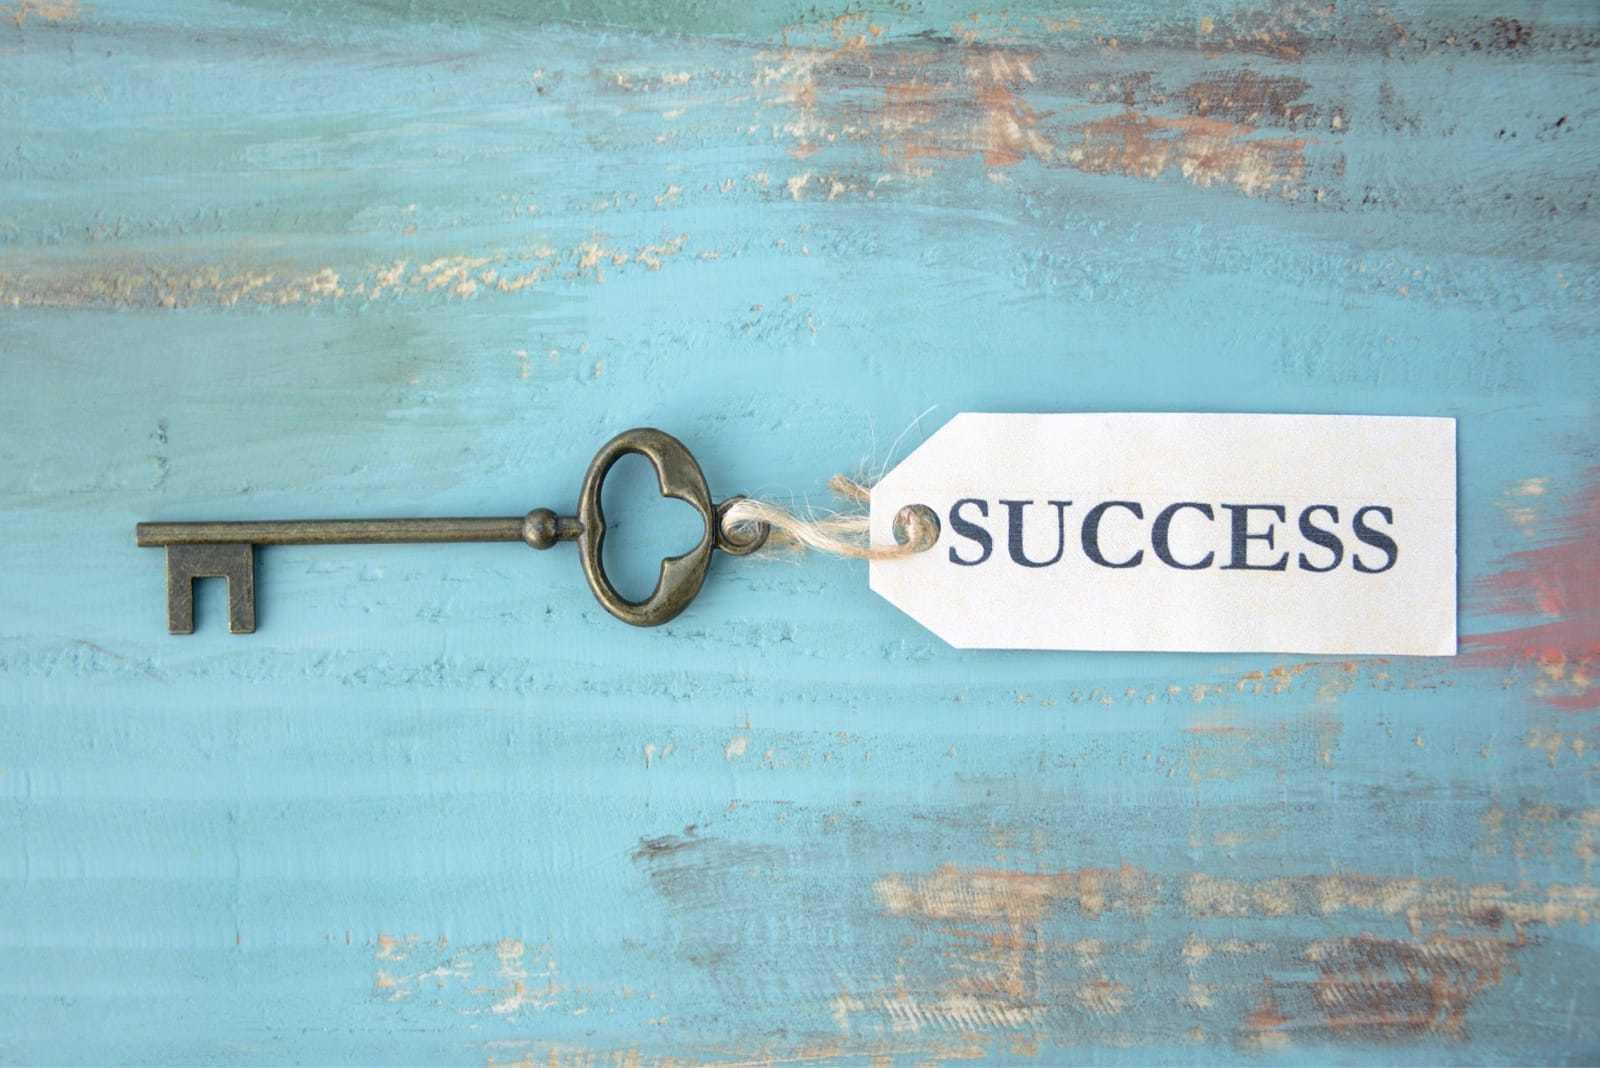 SUCCESSと書かれたタグが付いている鍵